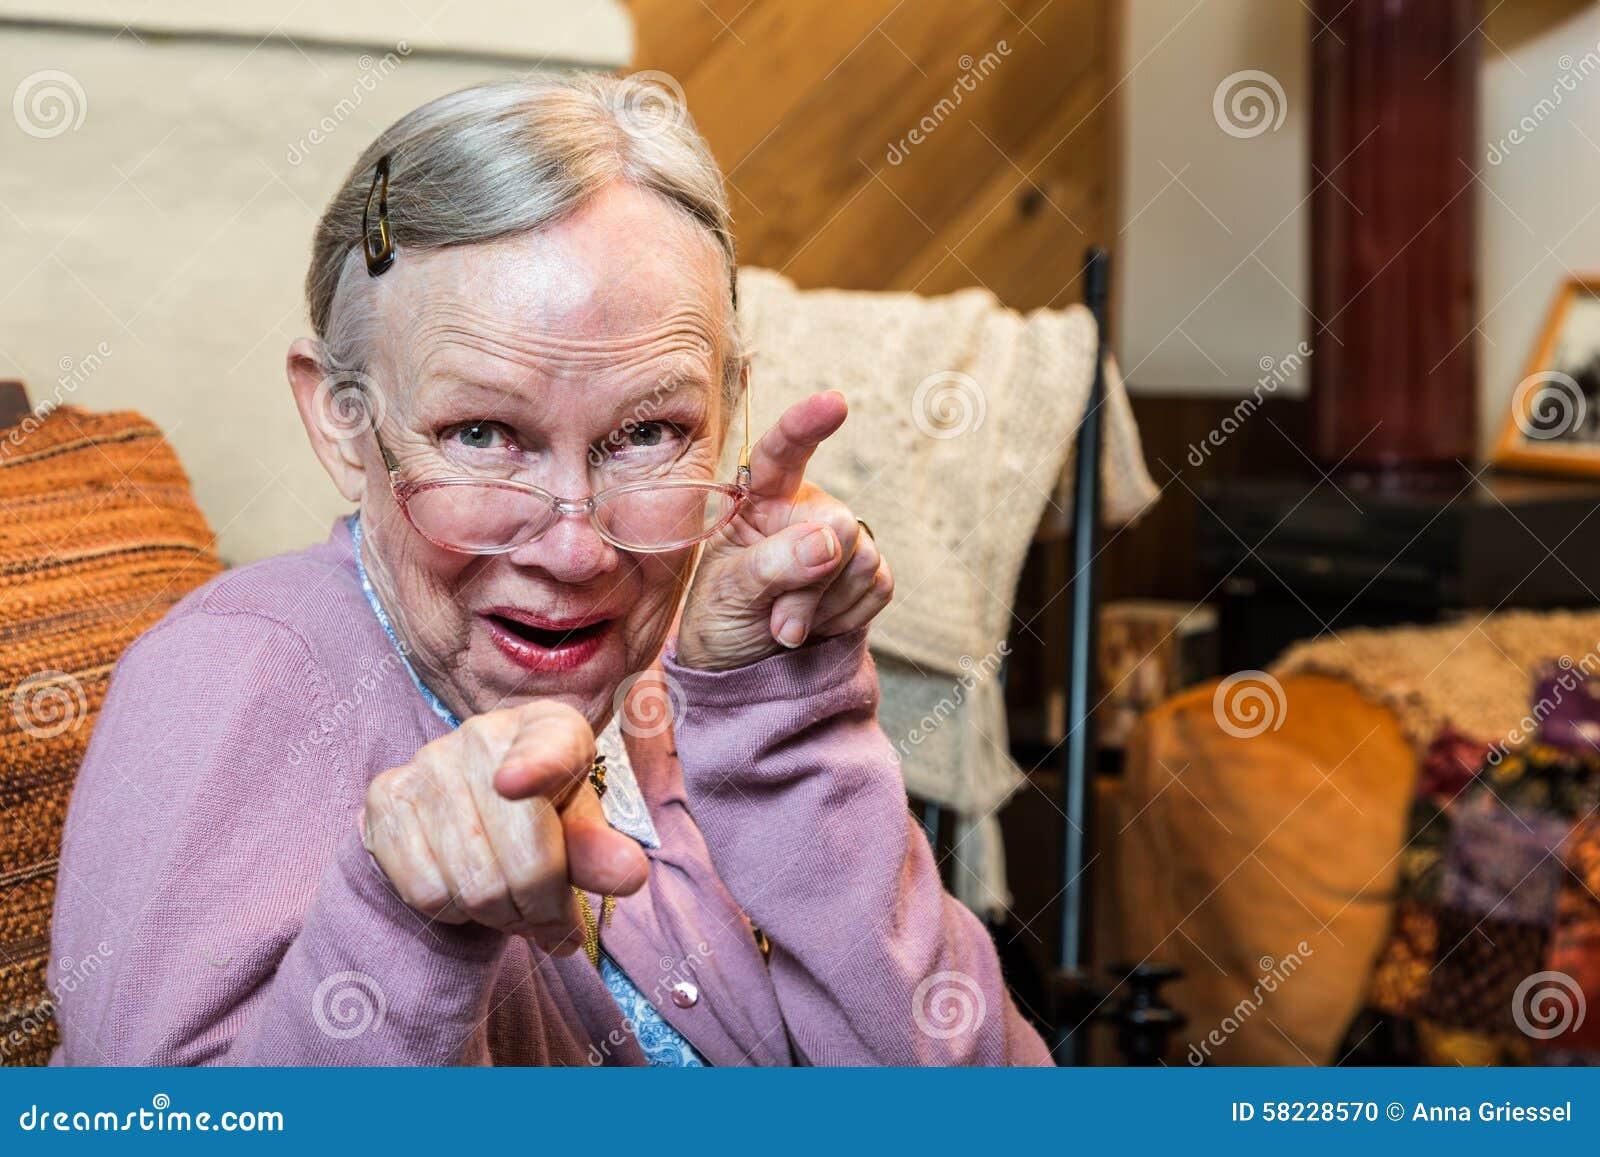 Смешные ролики со старухами 3 фотография